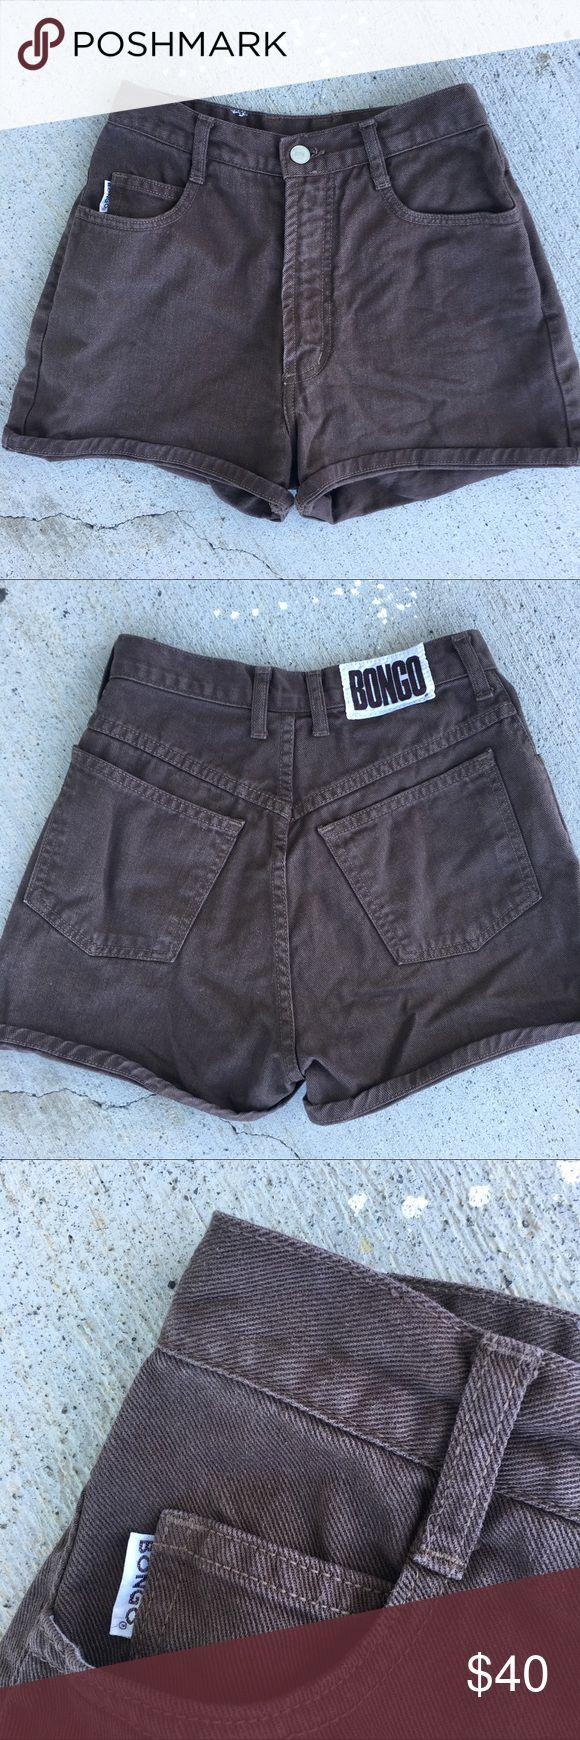 """Vintage Bongo Shorts Sz 25 Brand Bongo 90's Vintage  Color Chocolate Brown  Waist 12"""" Across  Rise 13""""  Hips 19""""  Inseam 2.5""""  Style High Waisted Mom Shorts  #vintage #bongo #shorts #90s #highwaisted #highrise #highwaistjeans #highwaistshorts #momshorts #momjeans #posh BONGO Shorts Jean Shorts"""